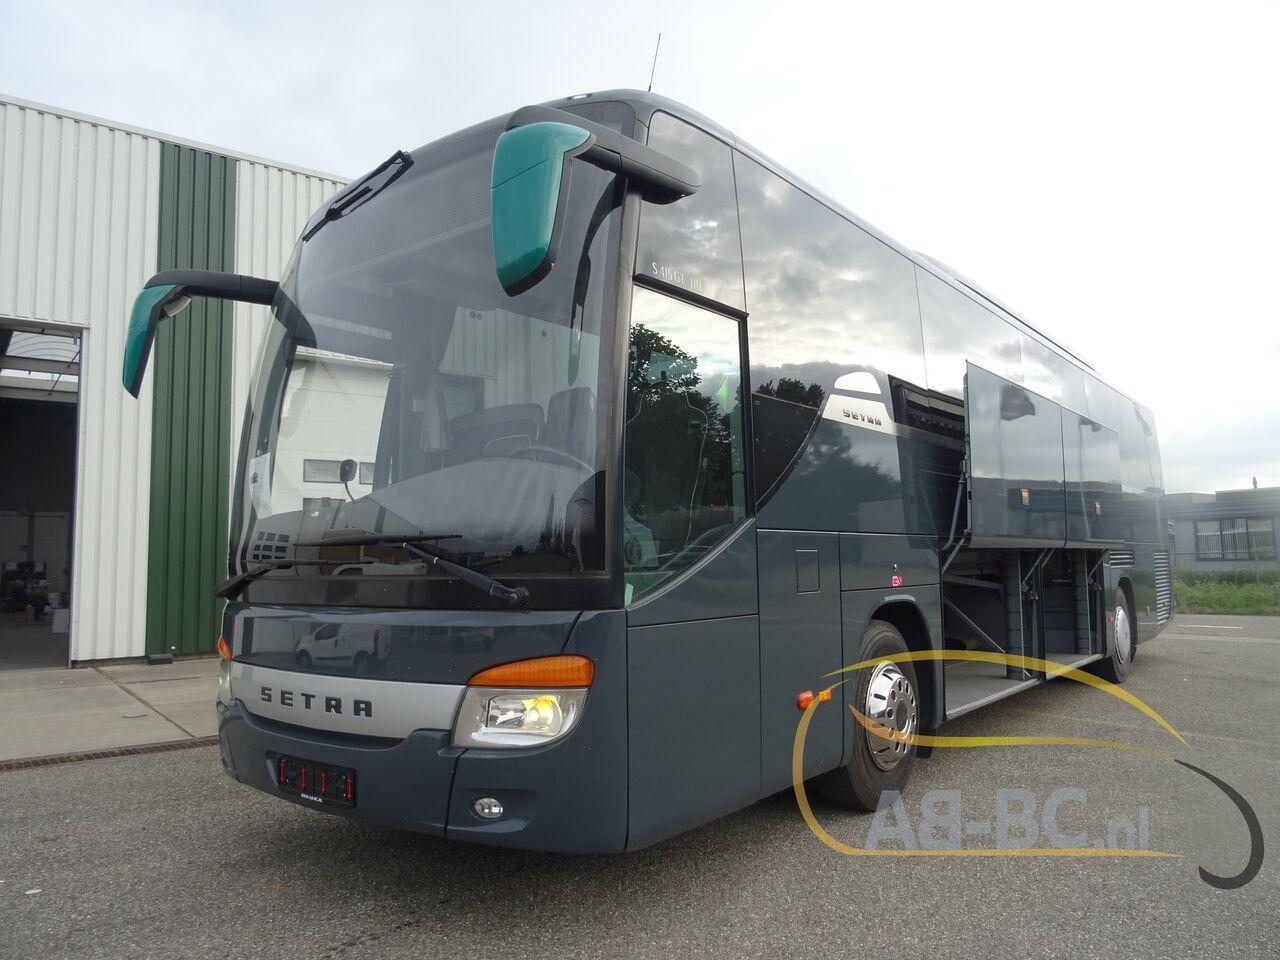 coach-busSETRA-S415-GT-HD-FINAL-EDITION---1627456924967008240_big_ab424fb165acc63c200990eceb62f3ea--21050713010665719300